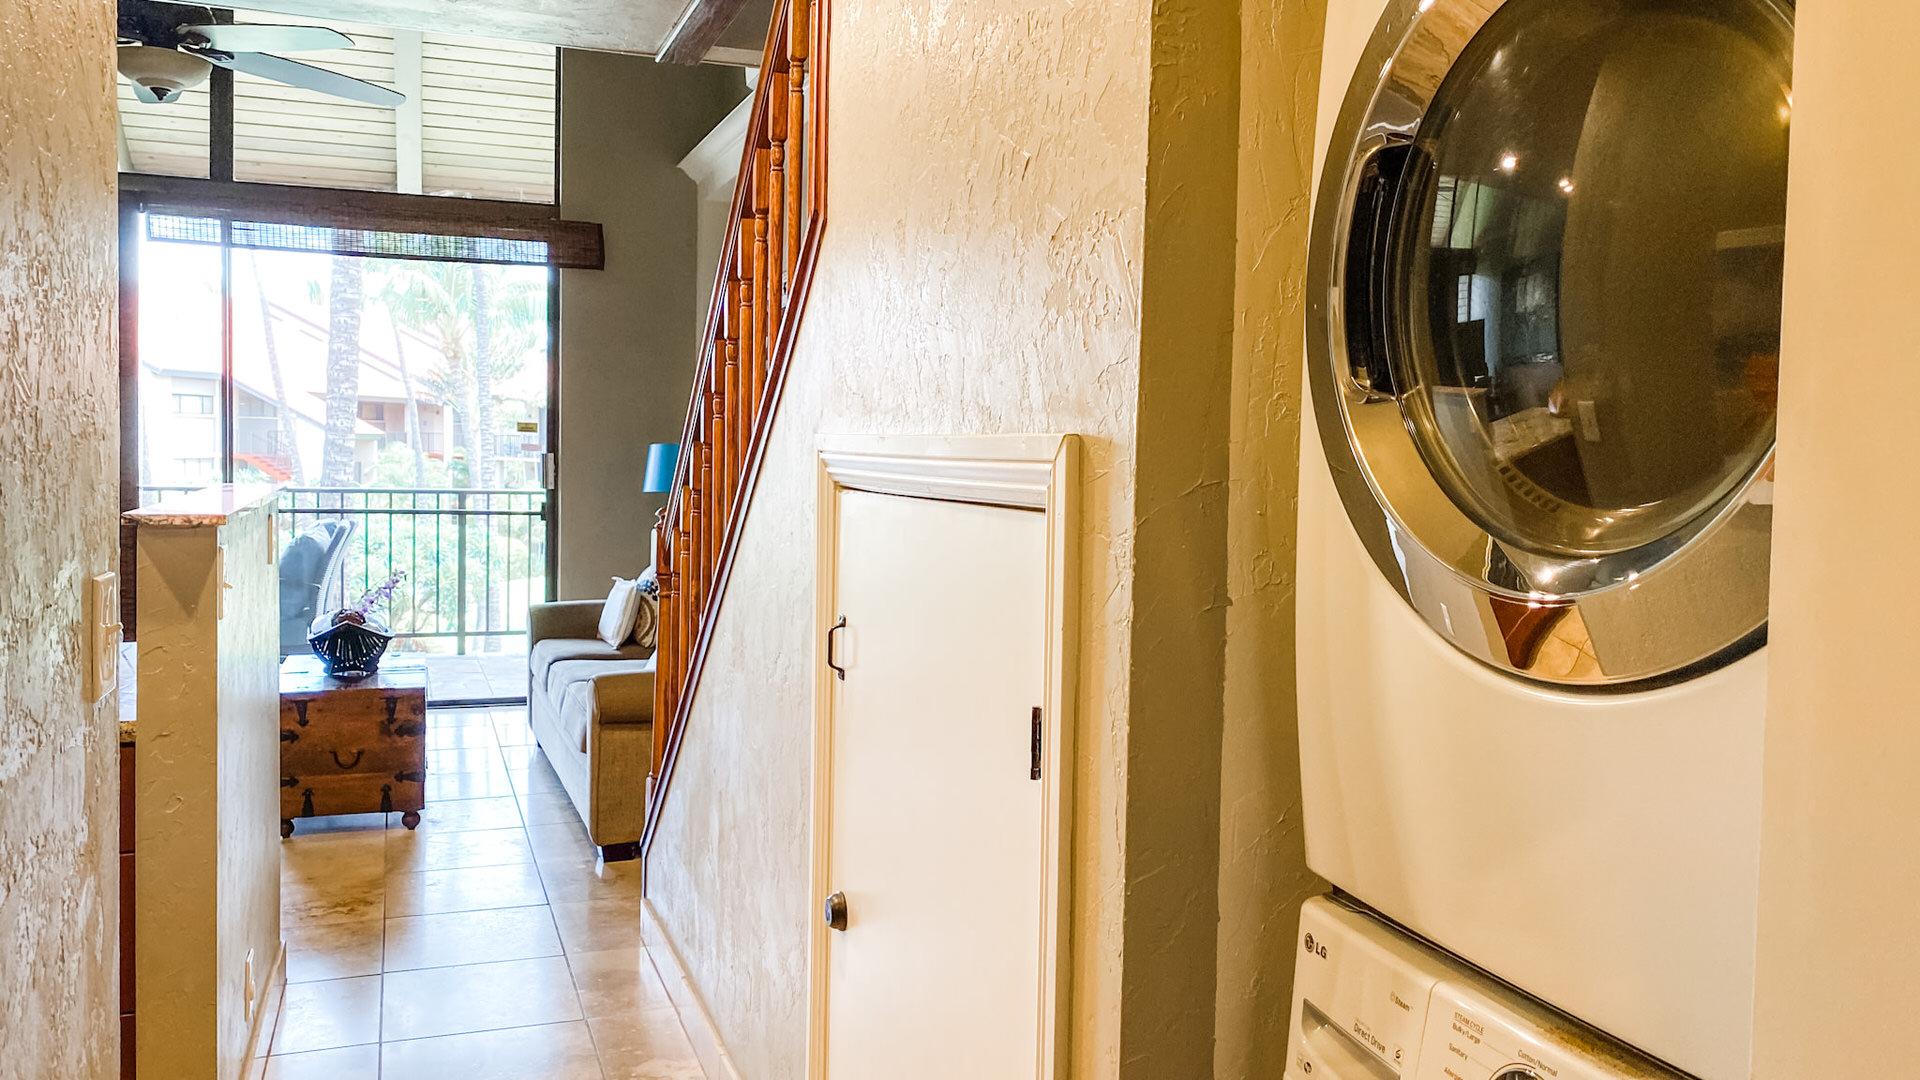 C305 Laundry